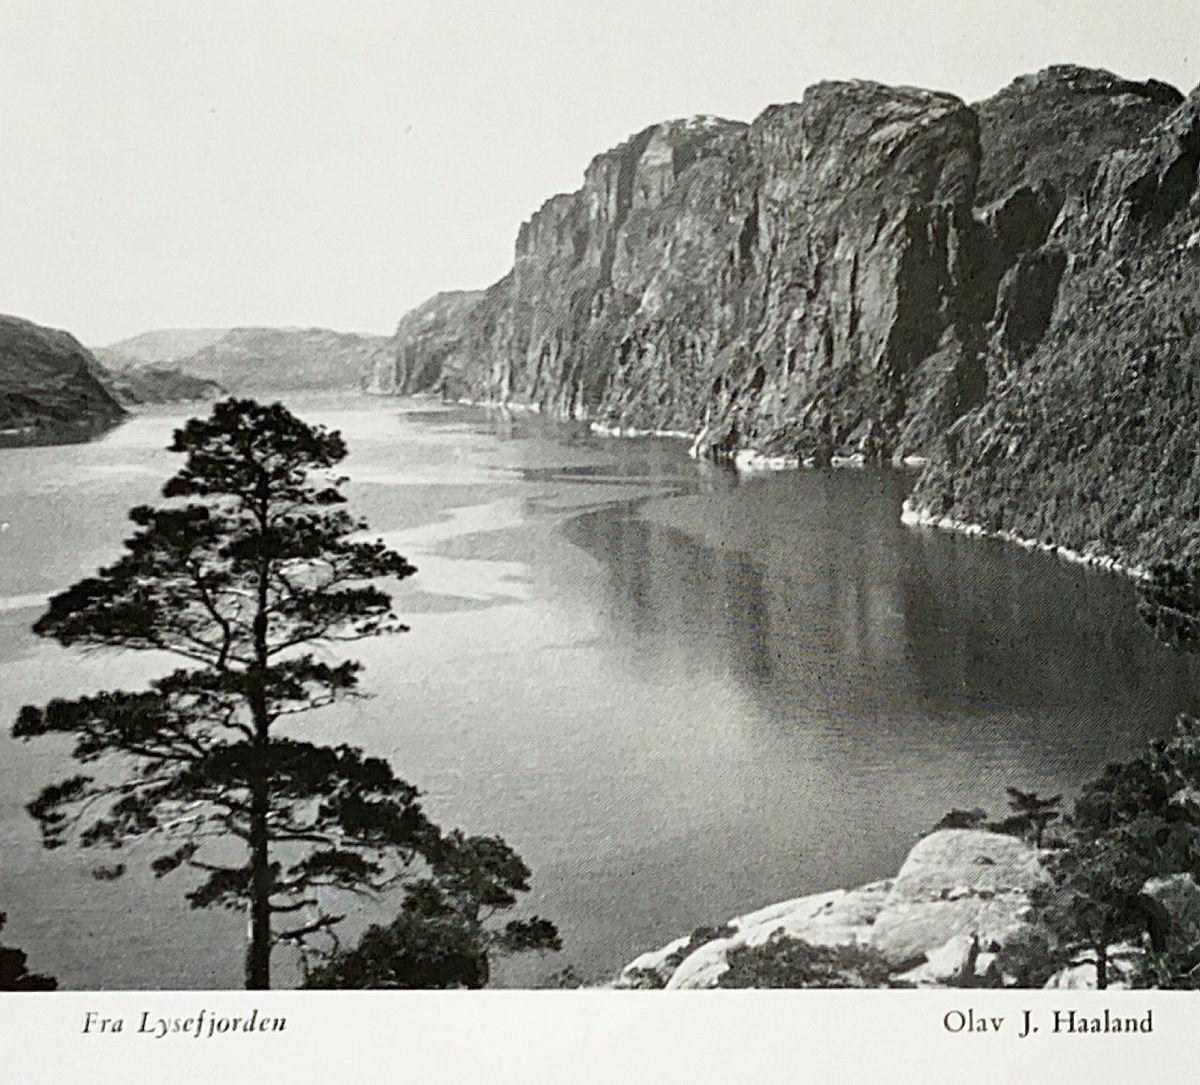 Bidrag i fotokonkurransen i årboka fra 1956. Motivet er mest sannsynlig fra utkikkspunktet ved Bakken gard i Lysefjorden.